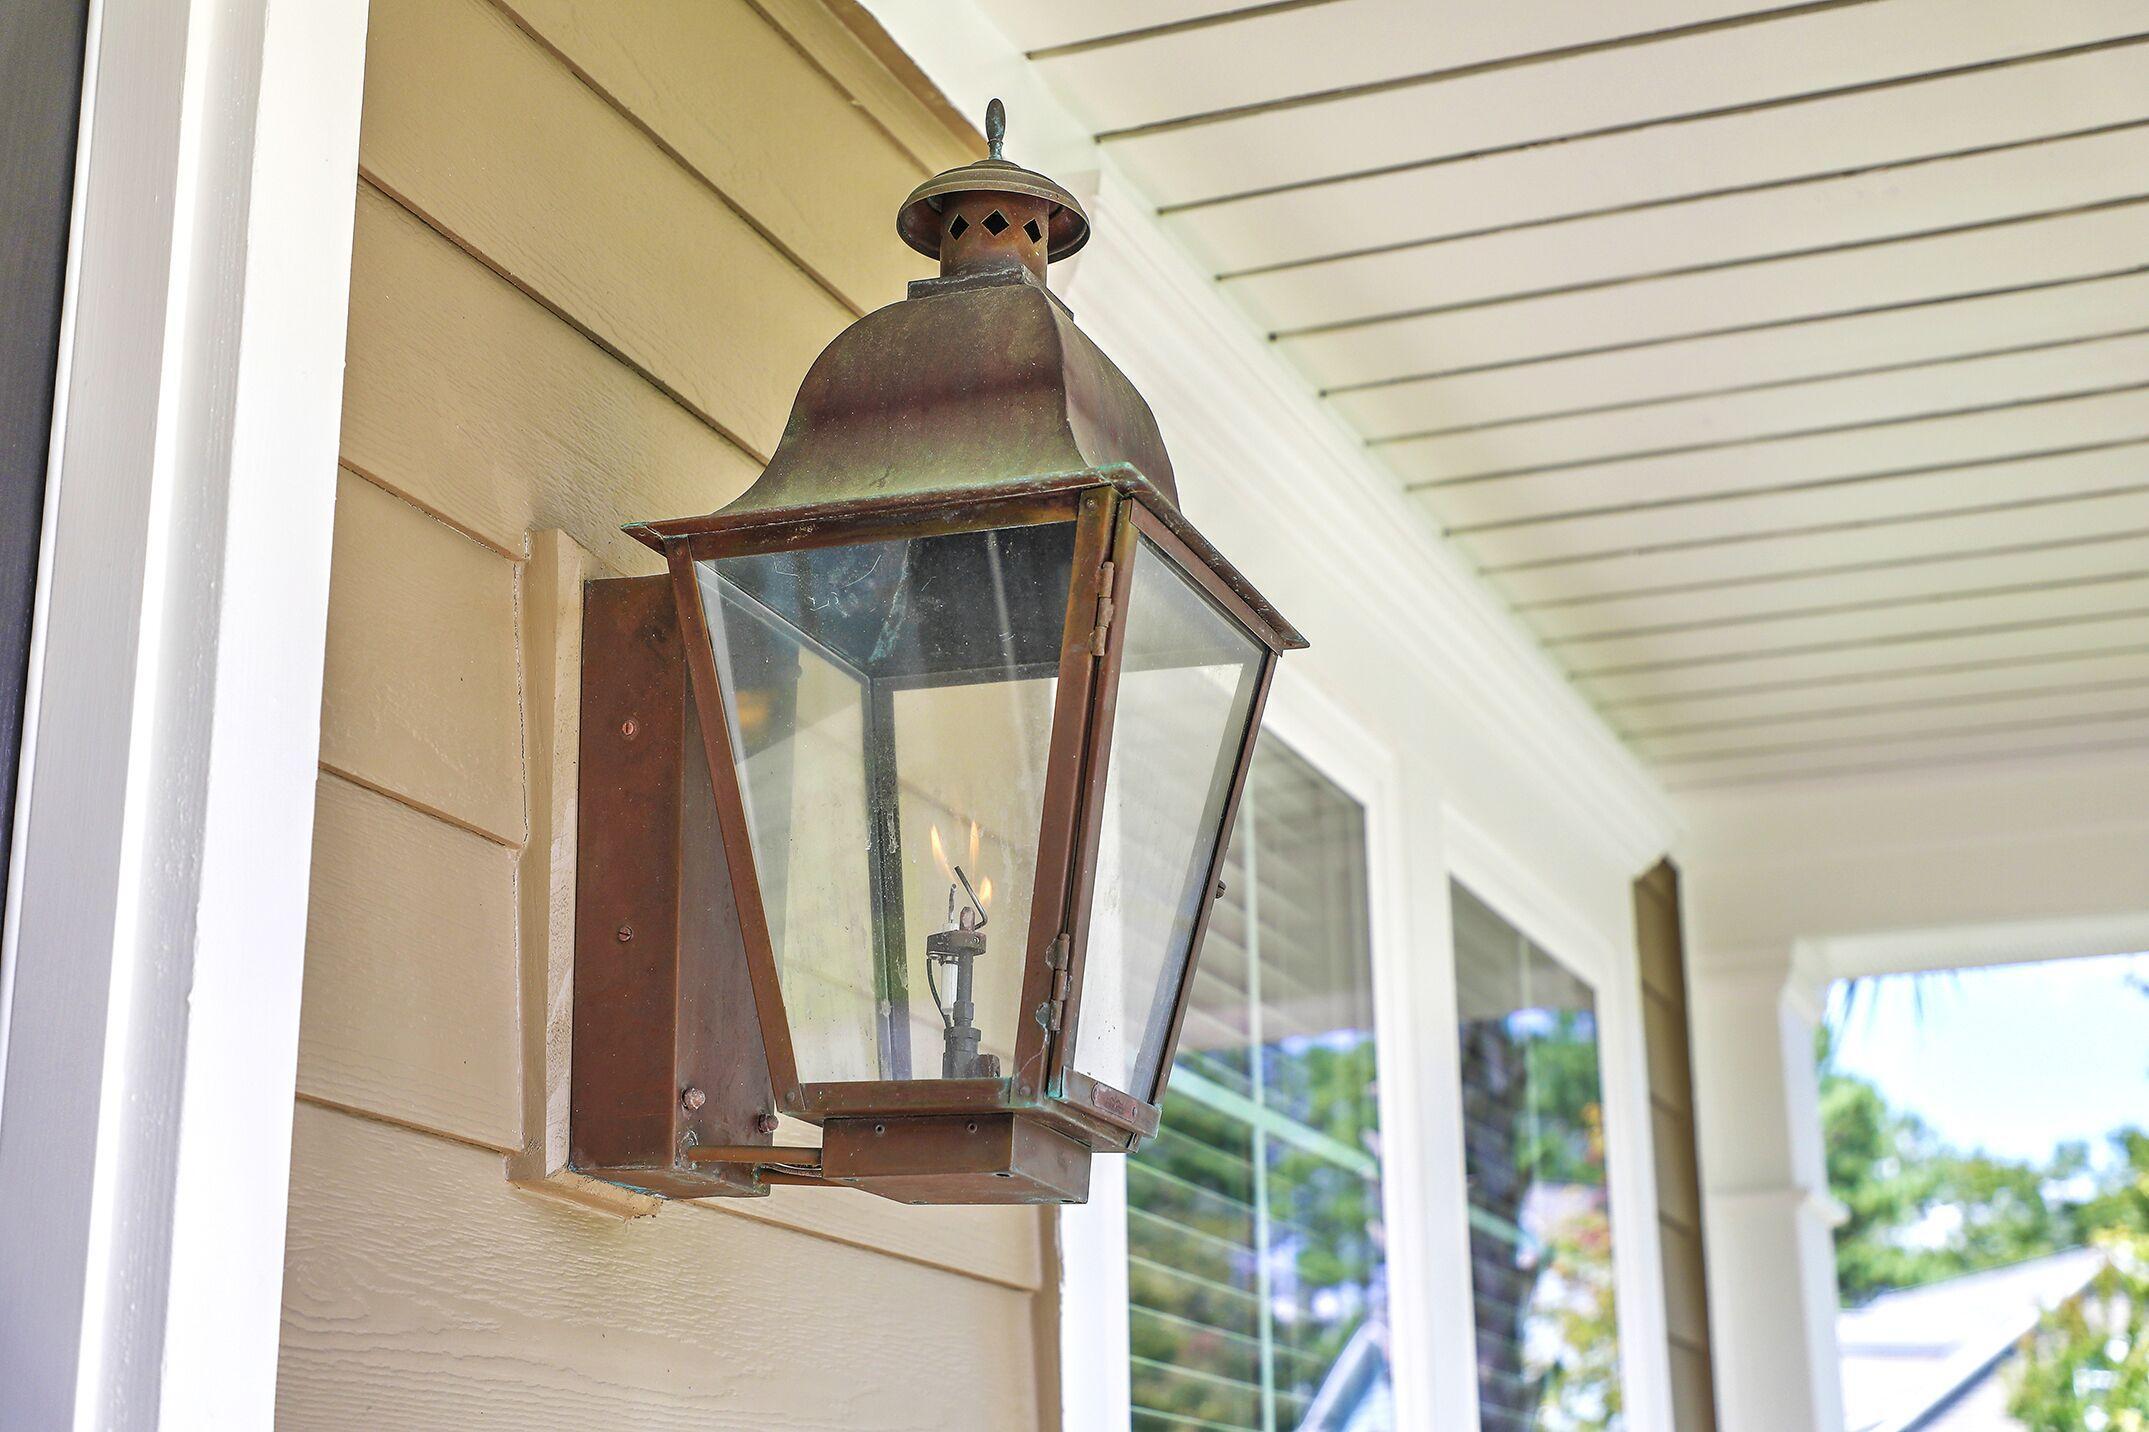 Dunes West Homes For Sale - 2970 Sturbridge, Mount Pleasant, SC - 0